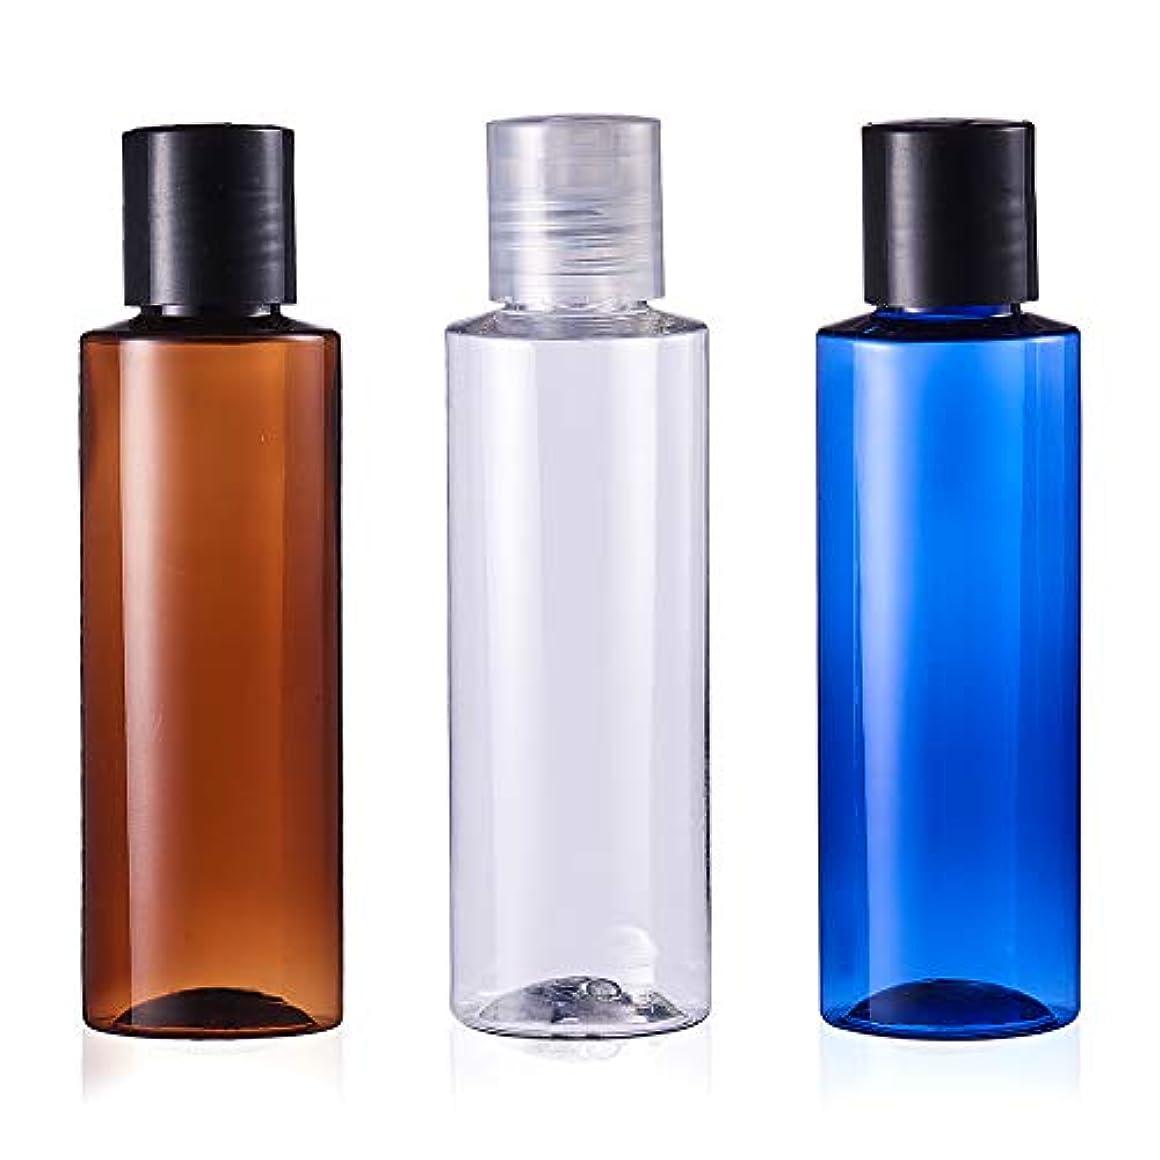 広く健康黒人BENECREAT 120mlプレスキャップボトル 6個セット3色小分けボトル プラスチック容器 液体用空ボトル 押し式詰替用ボトル 詰め替え シャンプー クリーム 化粧品 収納瓶